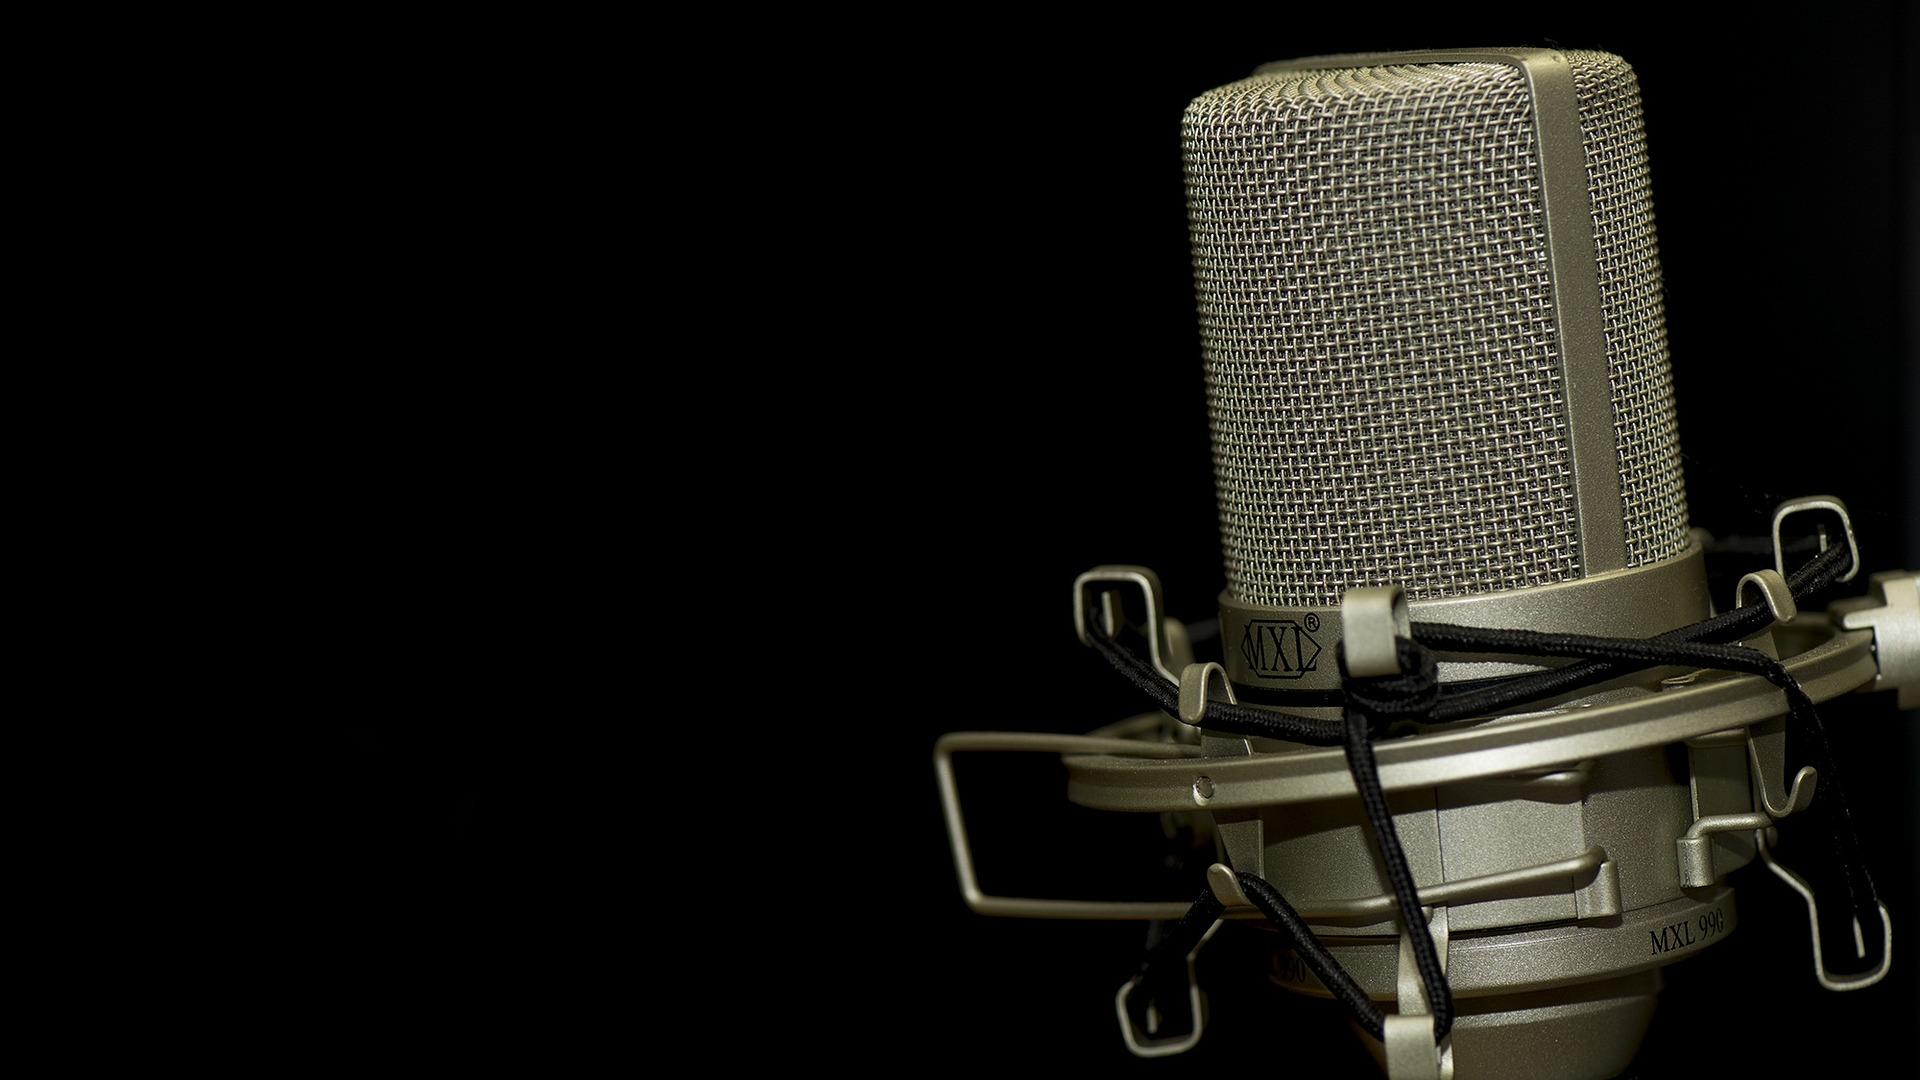 Promoção para rádio como escolher bons parceiros